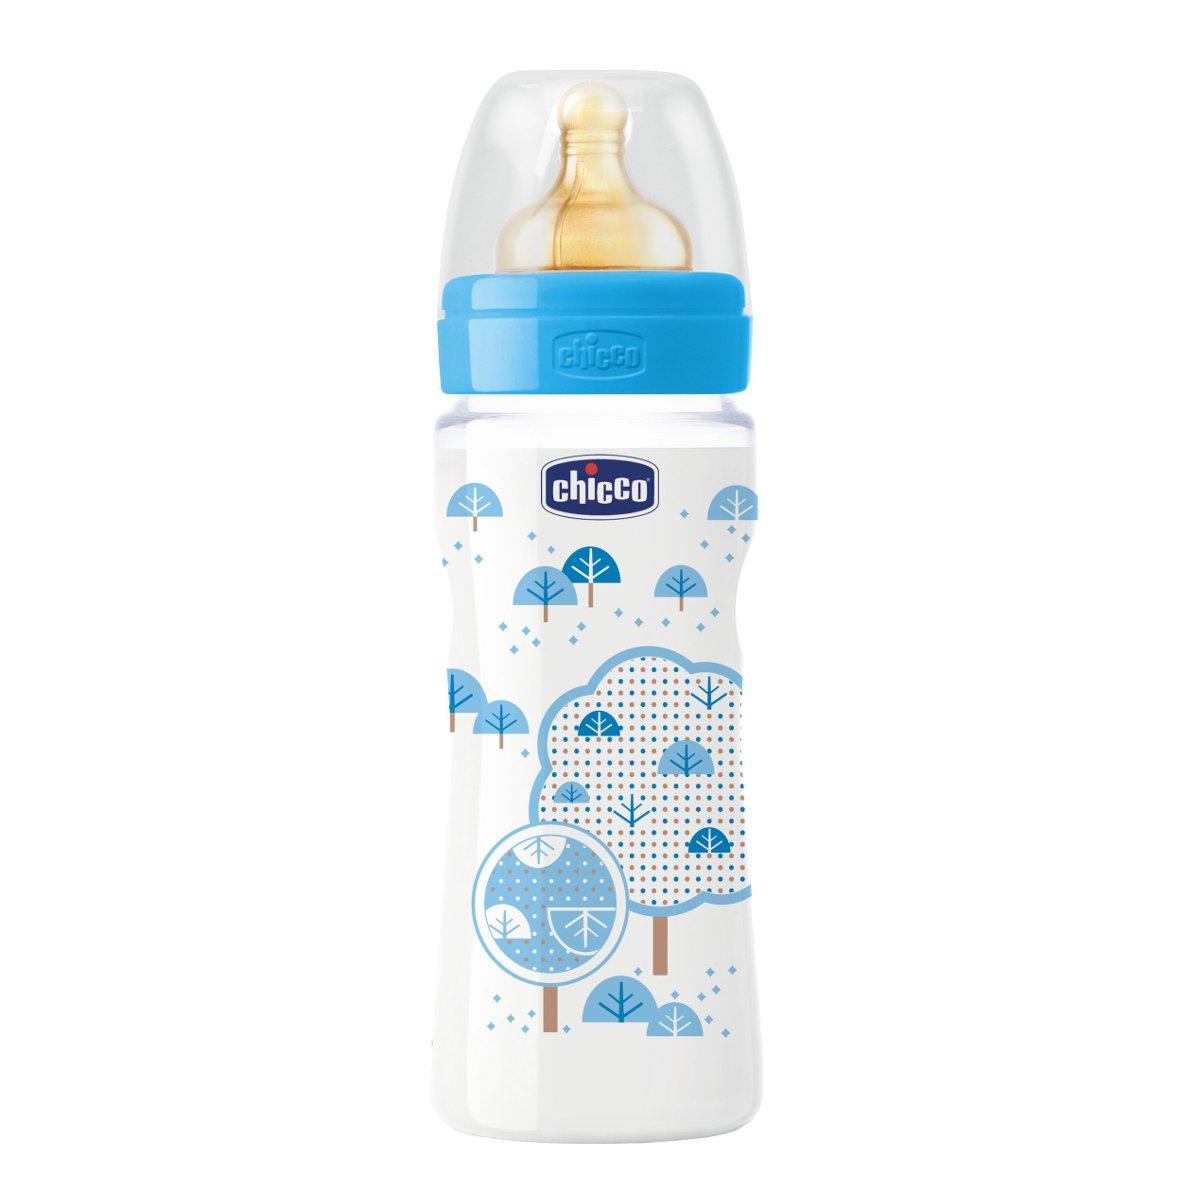 Chicco 00020720300000 Welfare Glass Feeding Bottle Rubber Uni-Flow Regular, Green, 240 ml Artsana